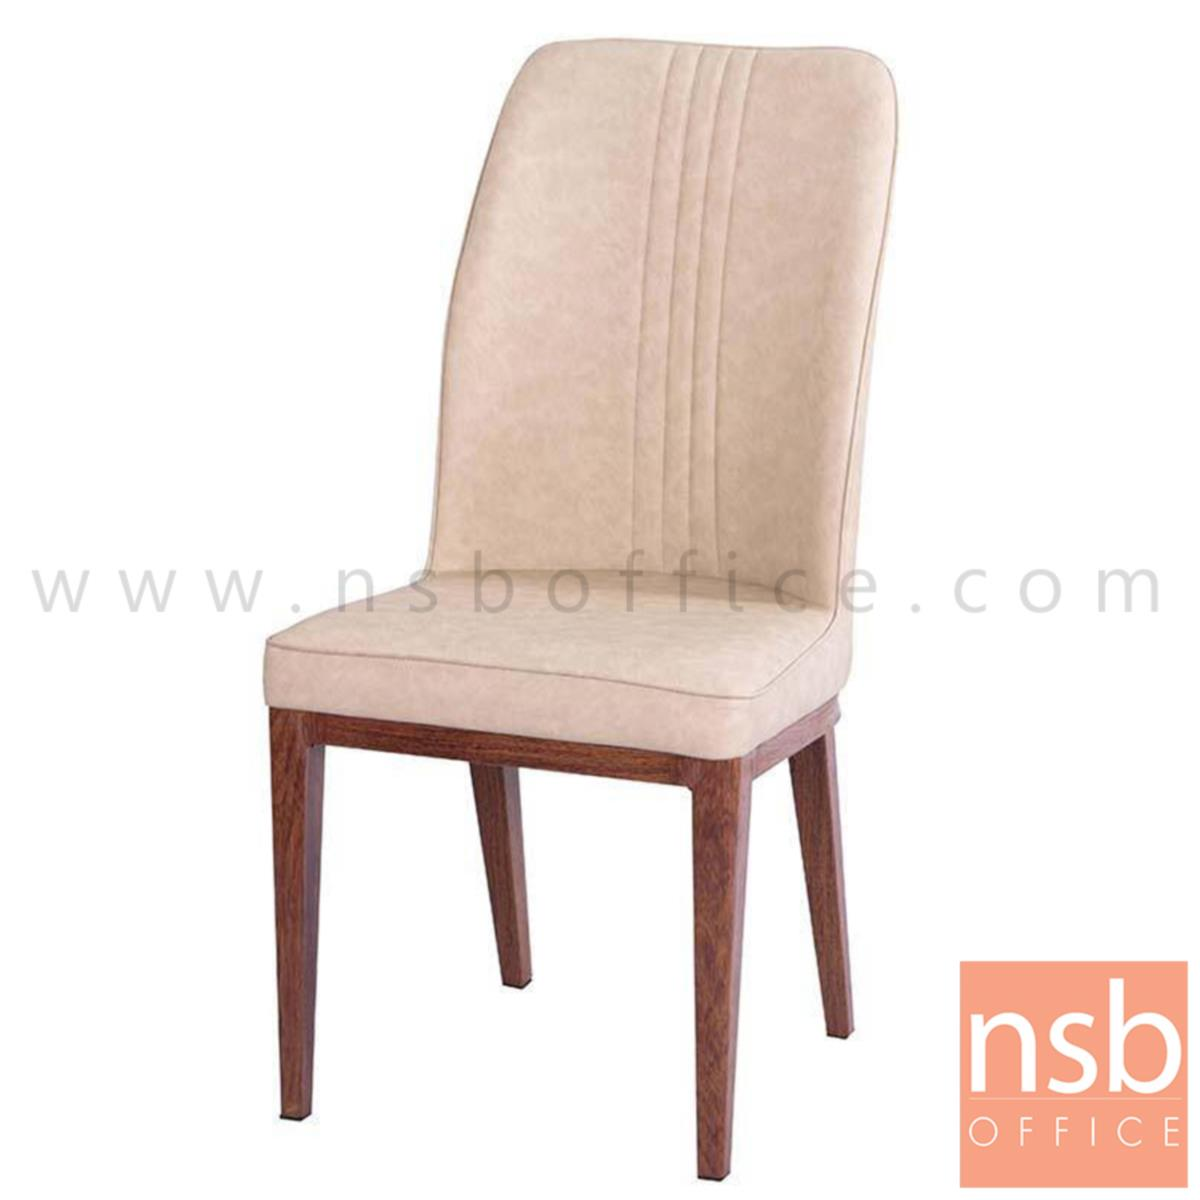 เก้าอี้ไม้ที่นั่งหุ้มหนังเทียม รุ่น Waterston (วอเตอร์สตัน)  ขาเหล็ก